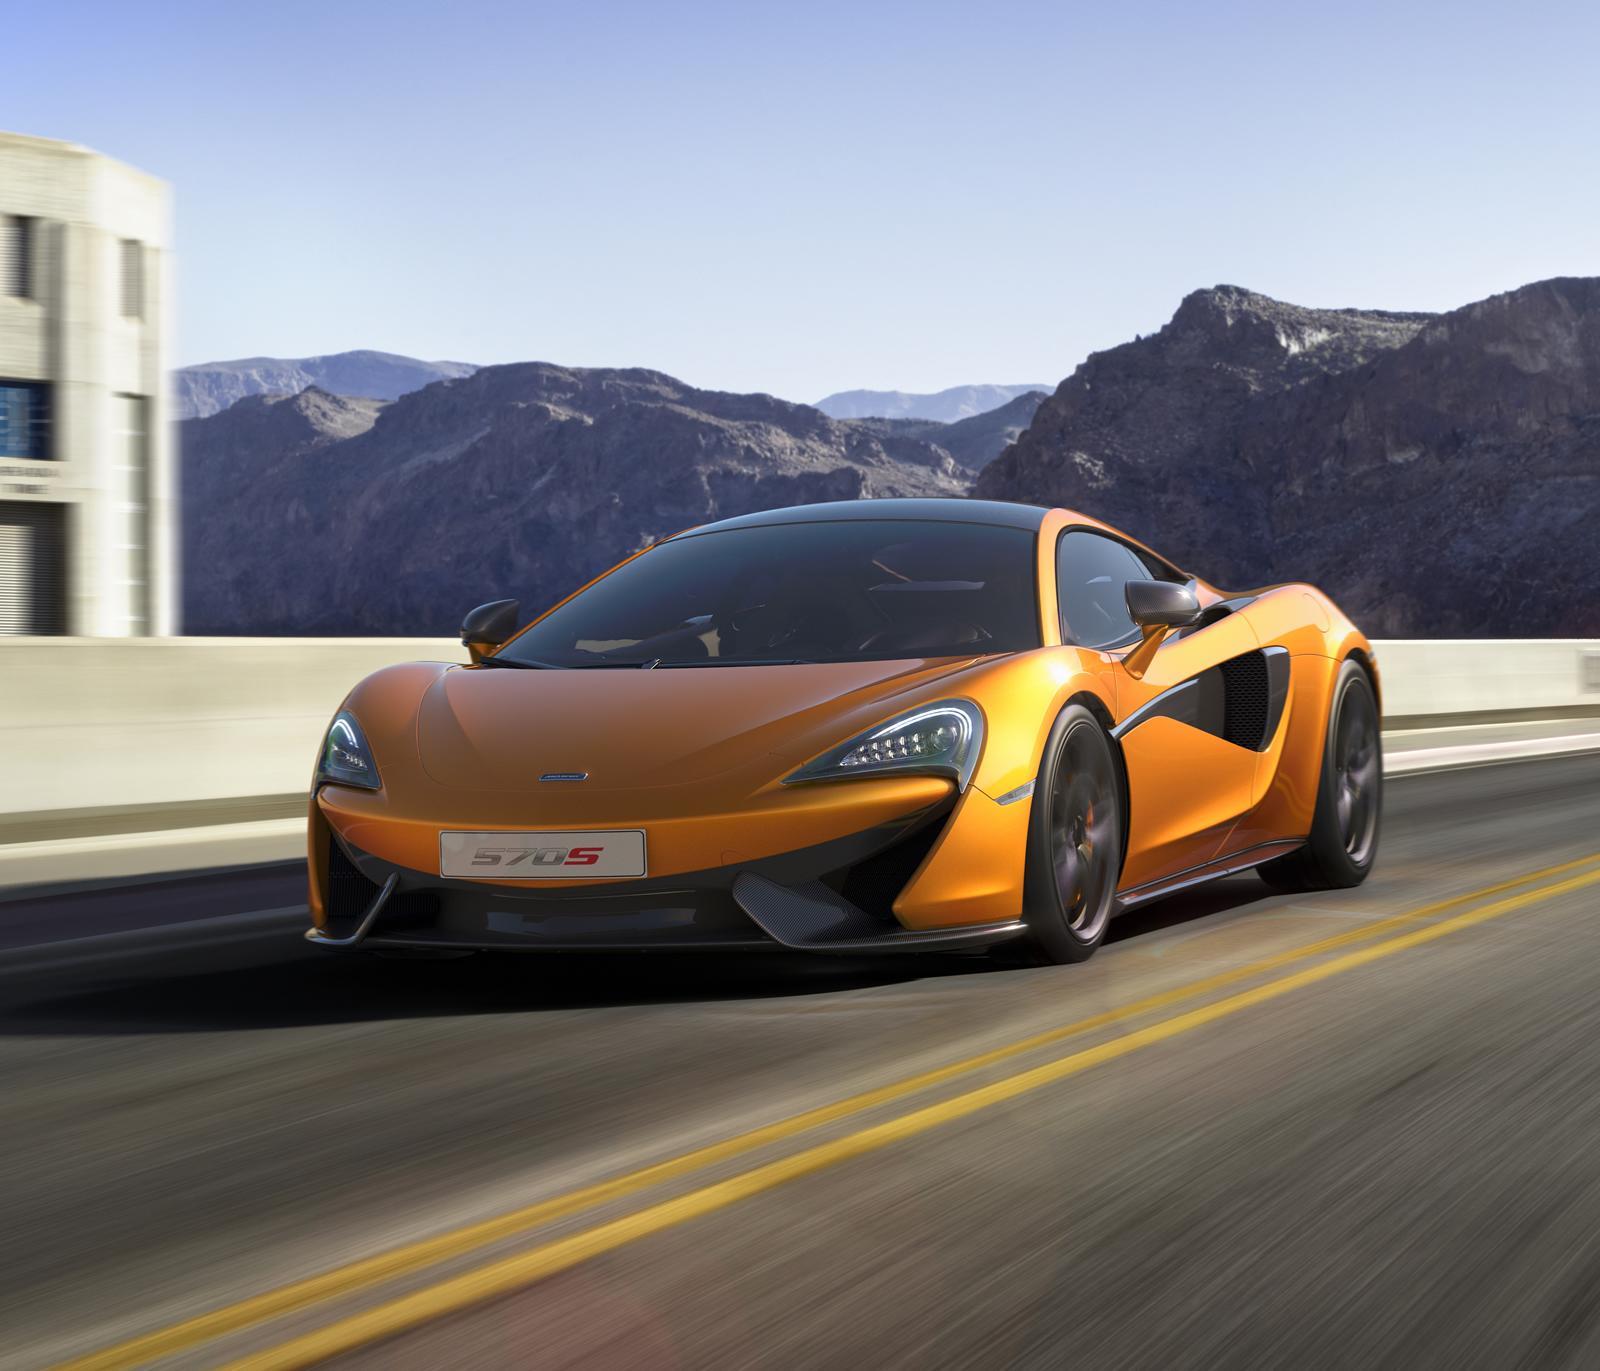 2017 Mclaren 570s Camshaft: McLaren 570S Coupé : La Nouvelle Première Dame Du Royaume